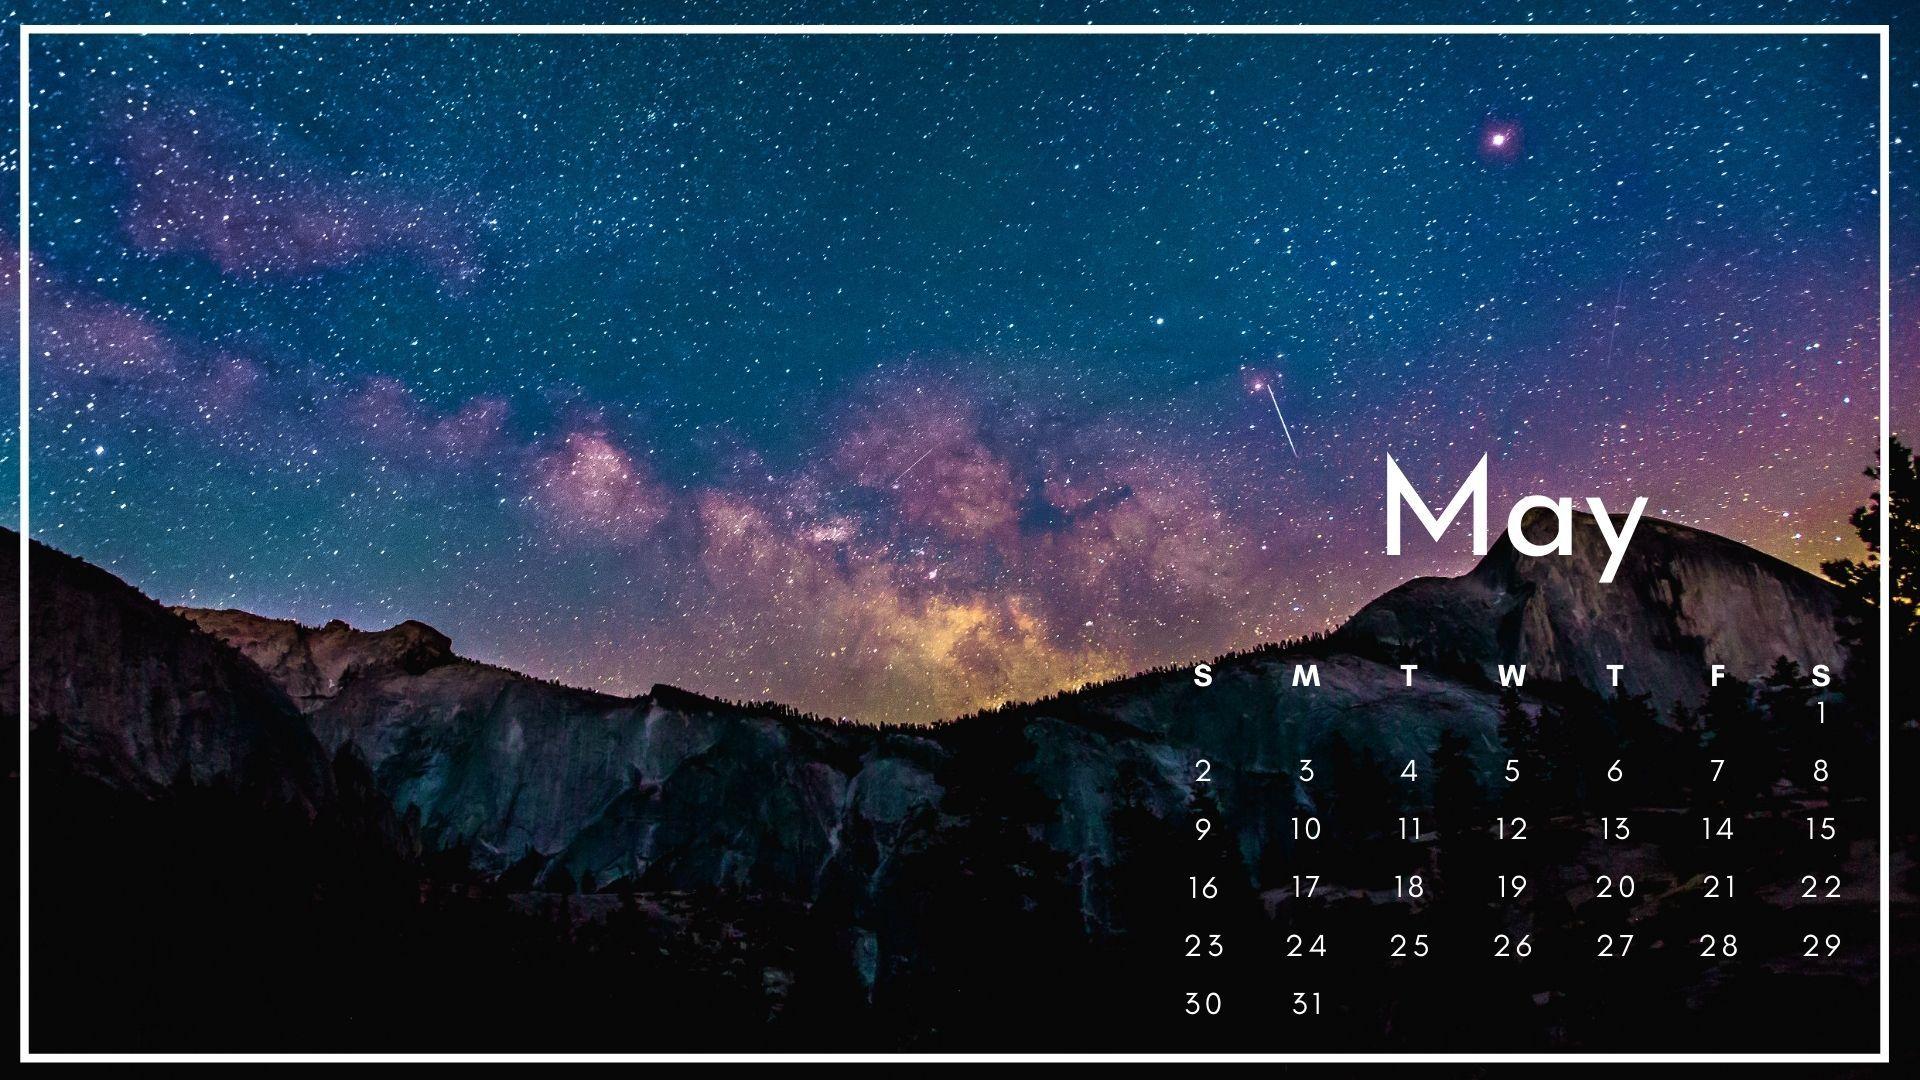 May 2021 Calendar Nature Wallpaper Download In 2021 Calendar Wallpaper 2021 Calendar Wallpaper Desktop Wallpaper Calendar